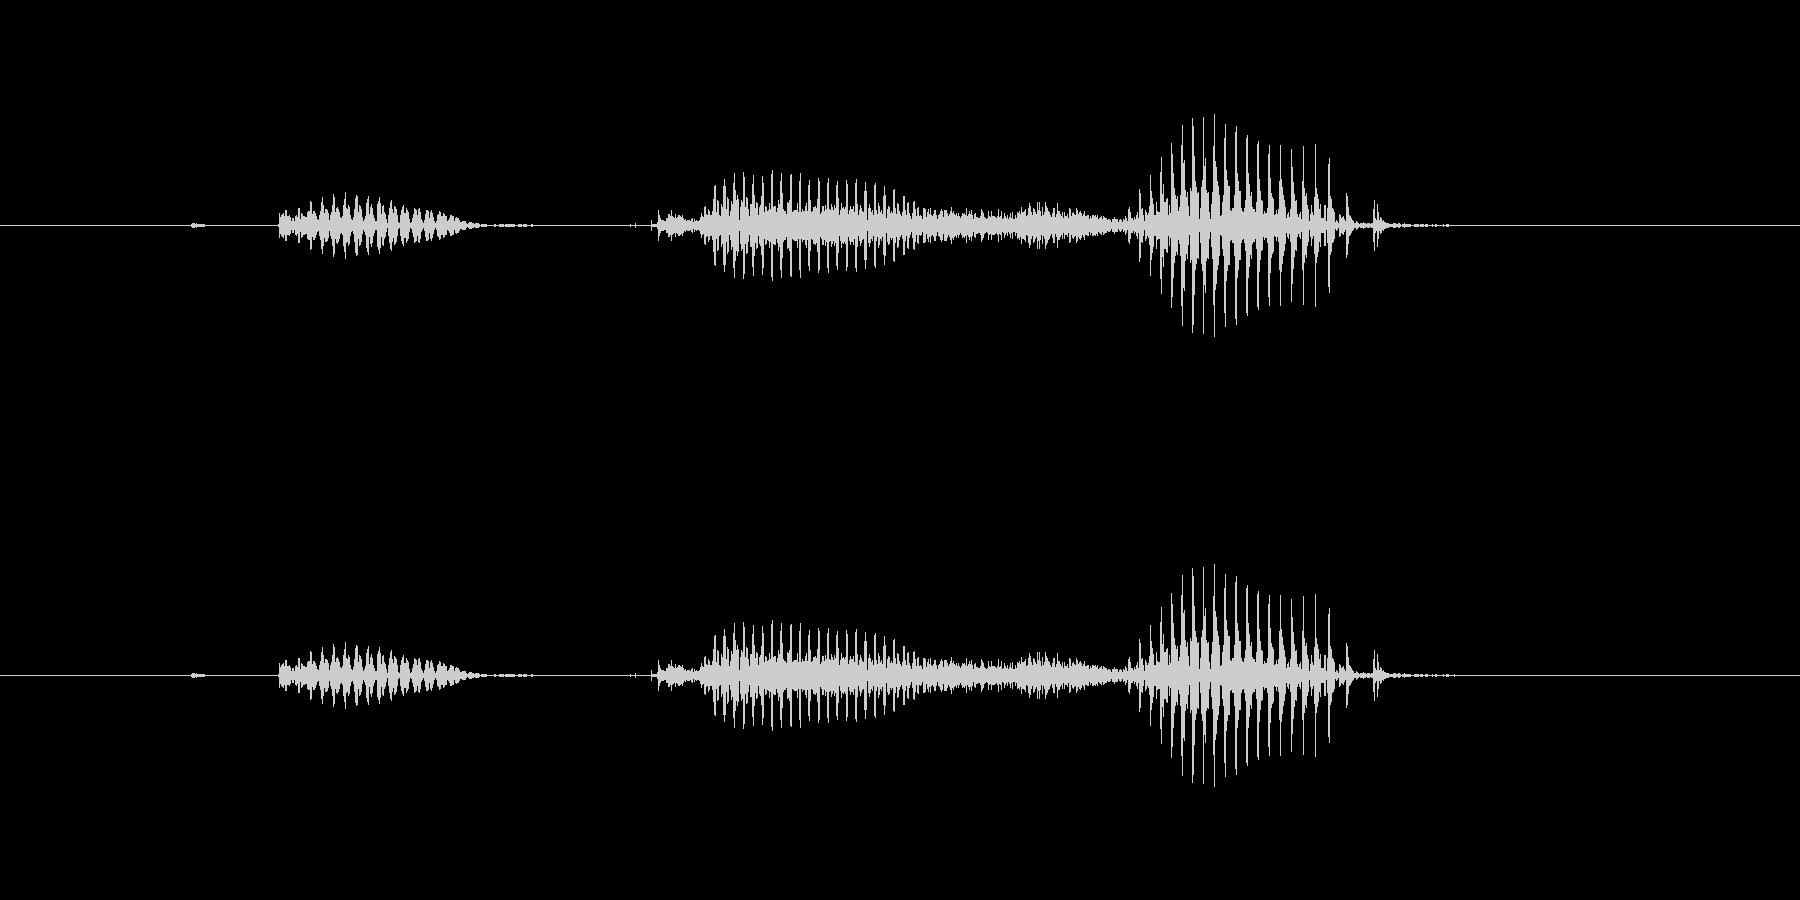 【星座】射手座の未再生の波形